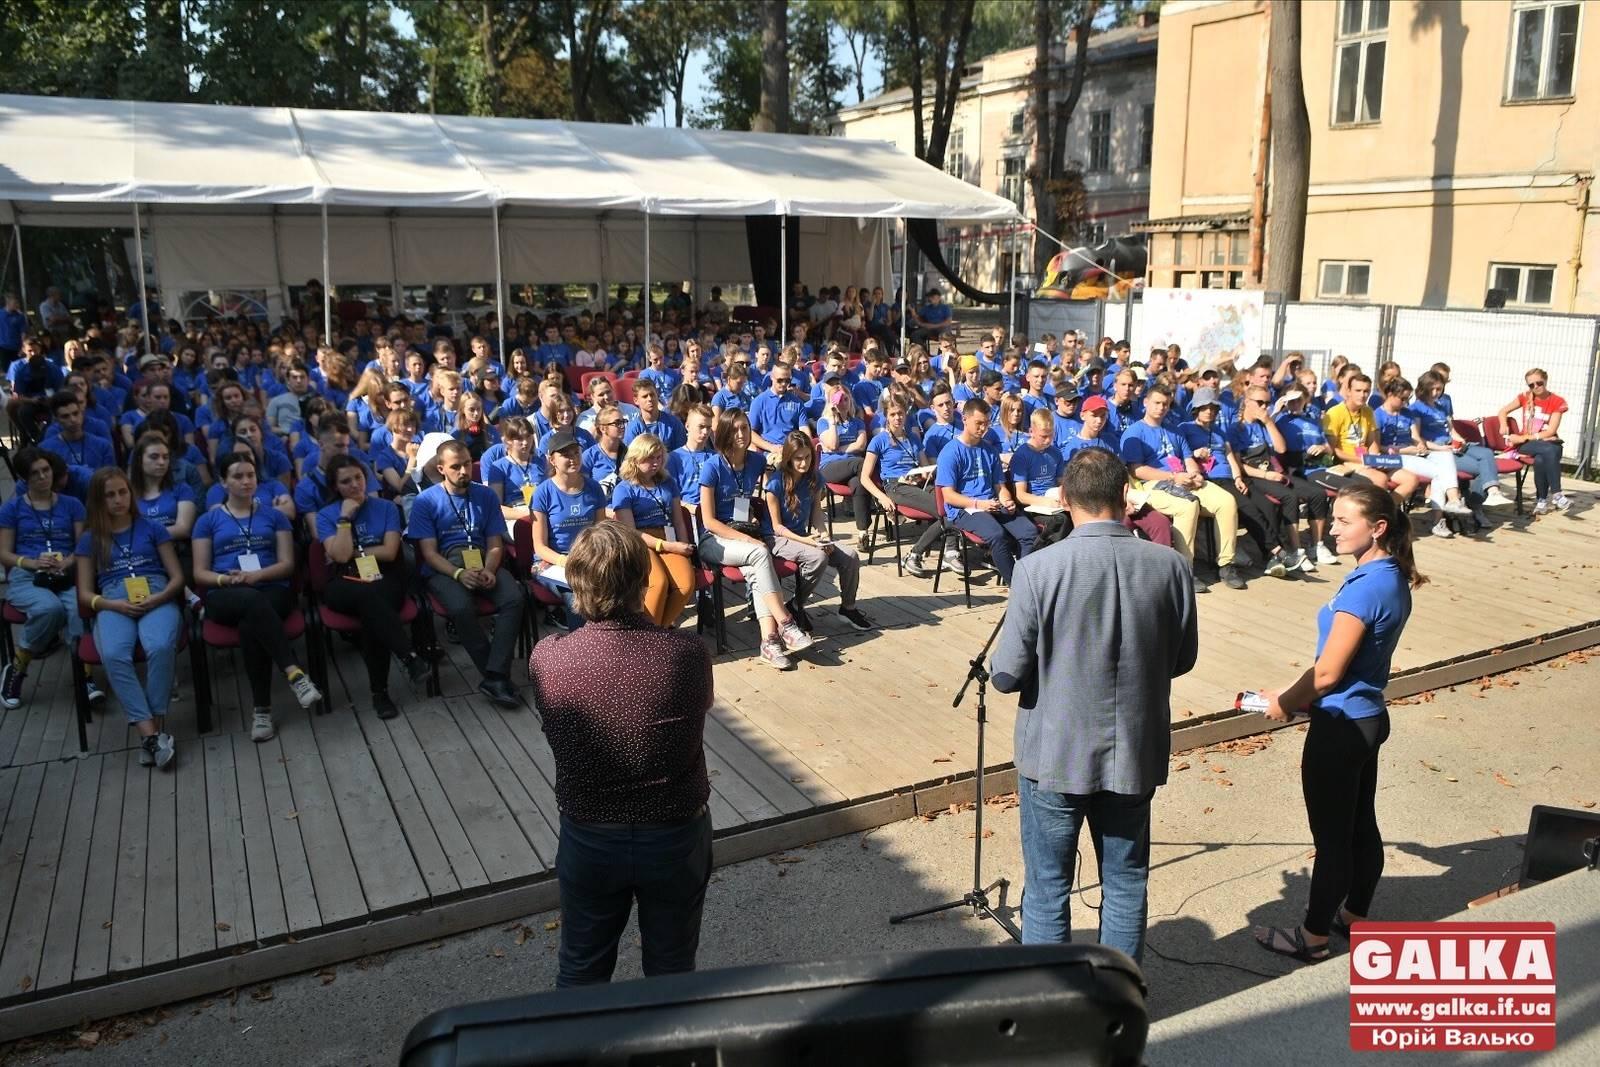 Іноваційний розвиток молоді: осередок Української академії лідерства з'явиться в Івано-Франківську (ФОТО)